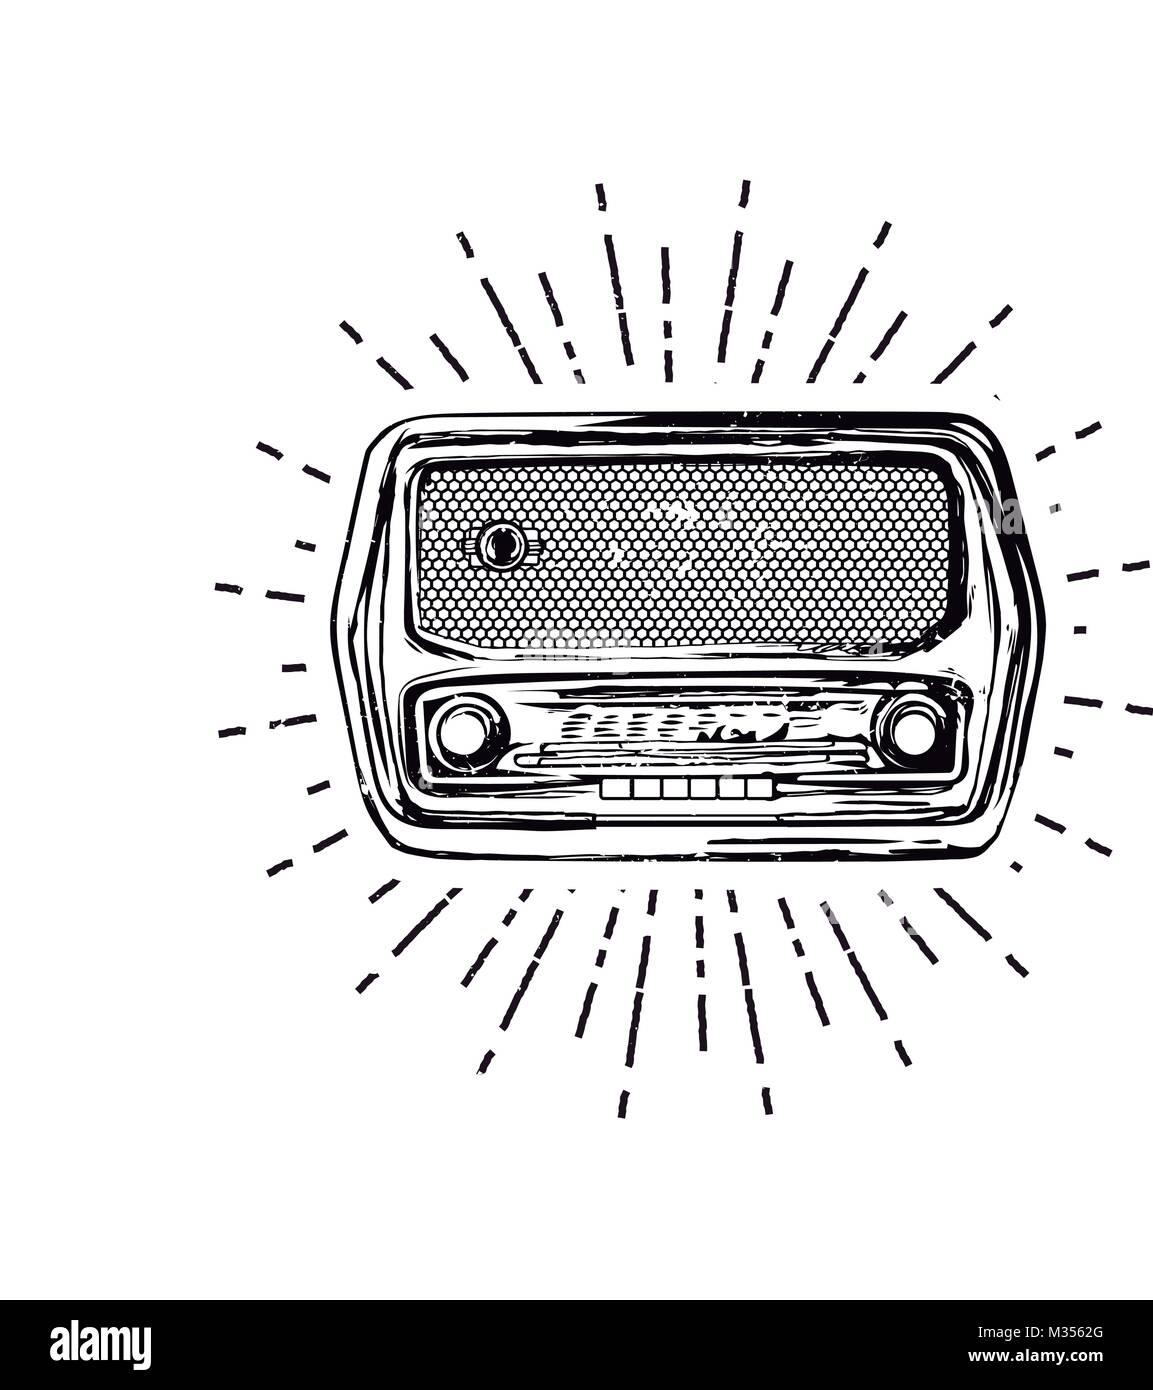 Alte Vintage Radio Stockbild